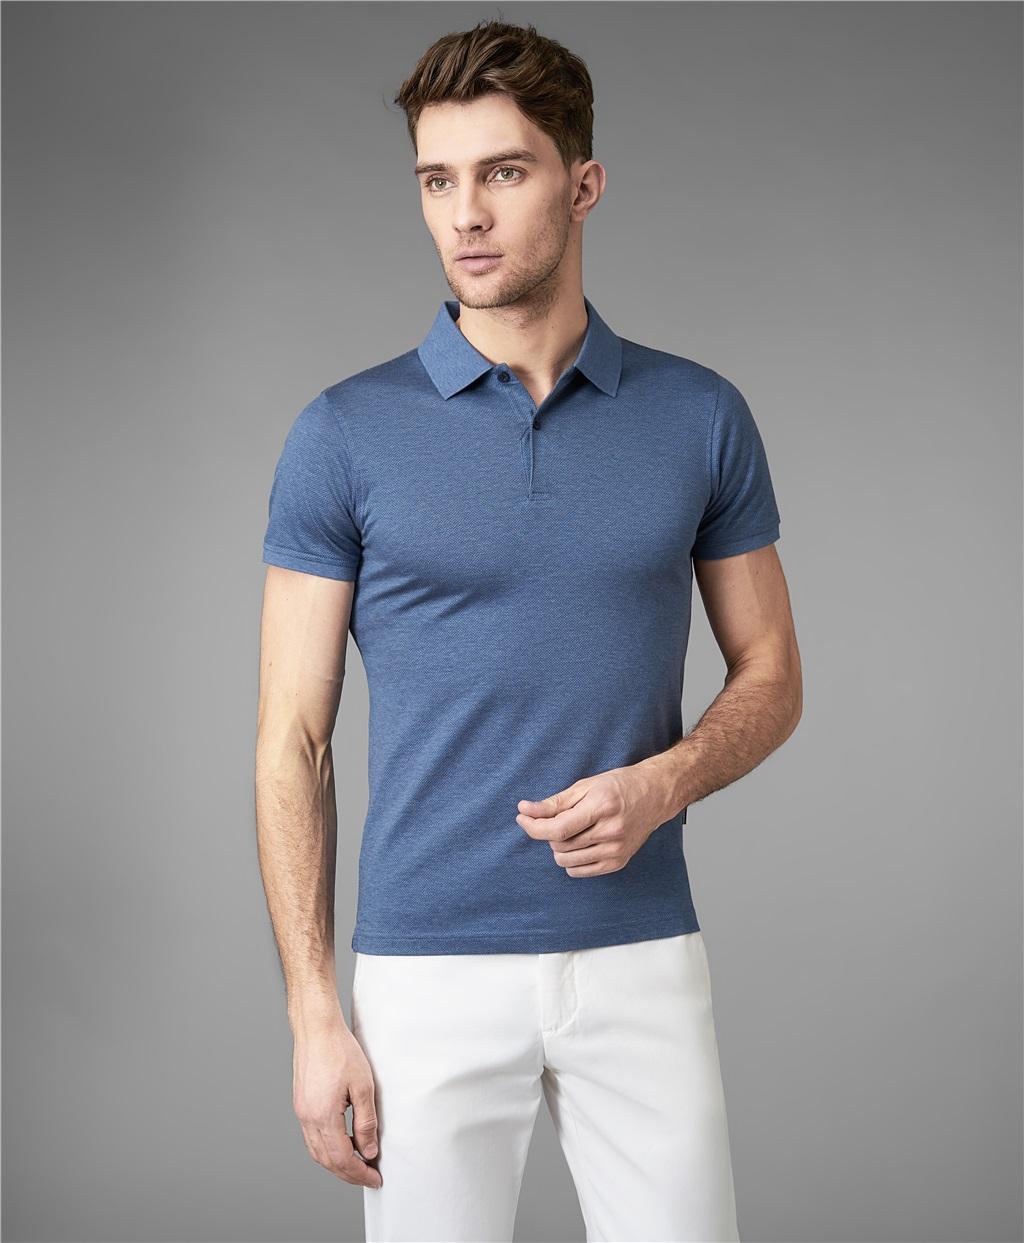 Рубашка мужская HENDERSON HPS-0276 голубая 2XL фото